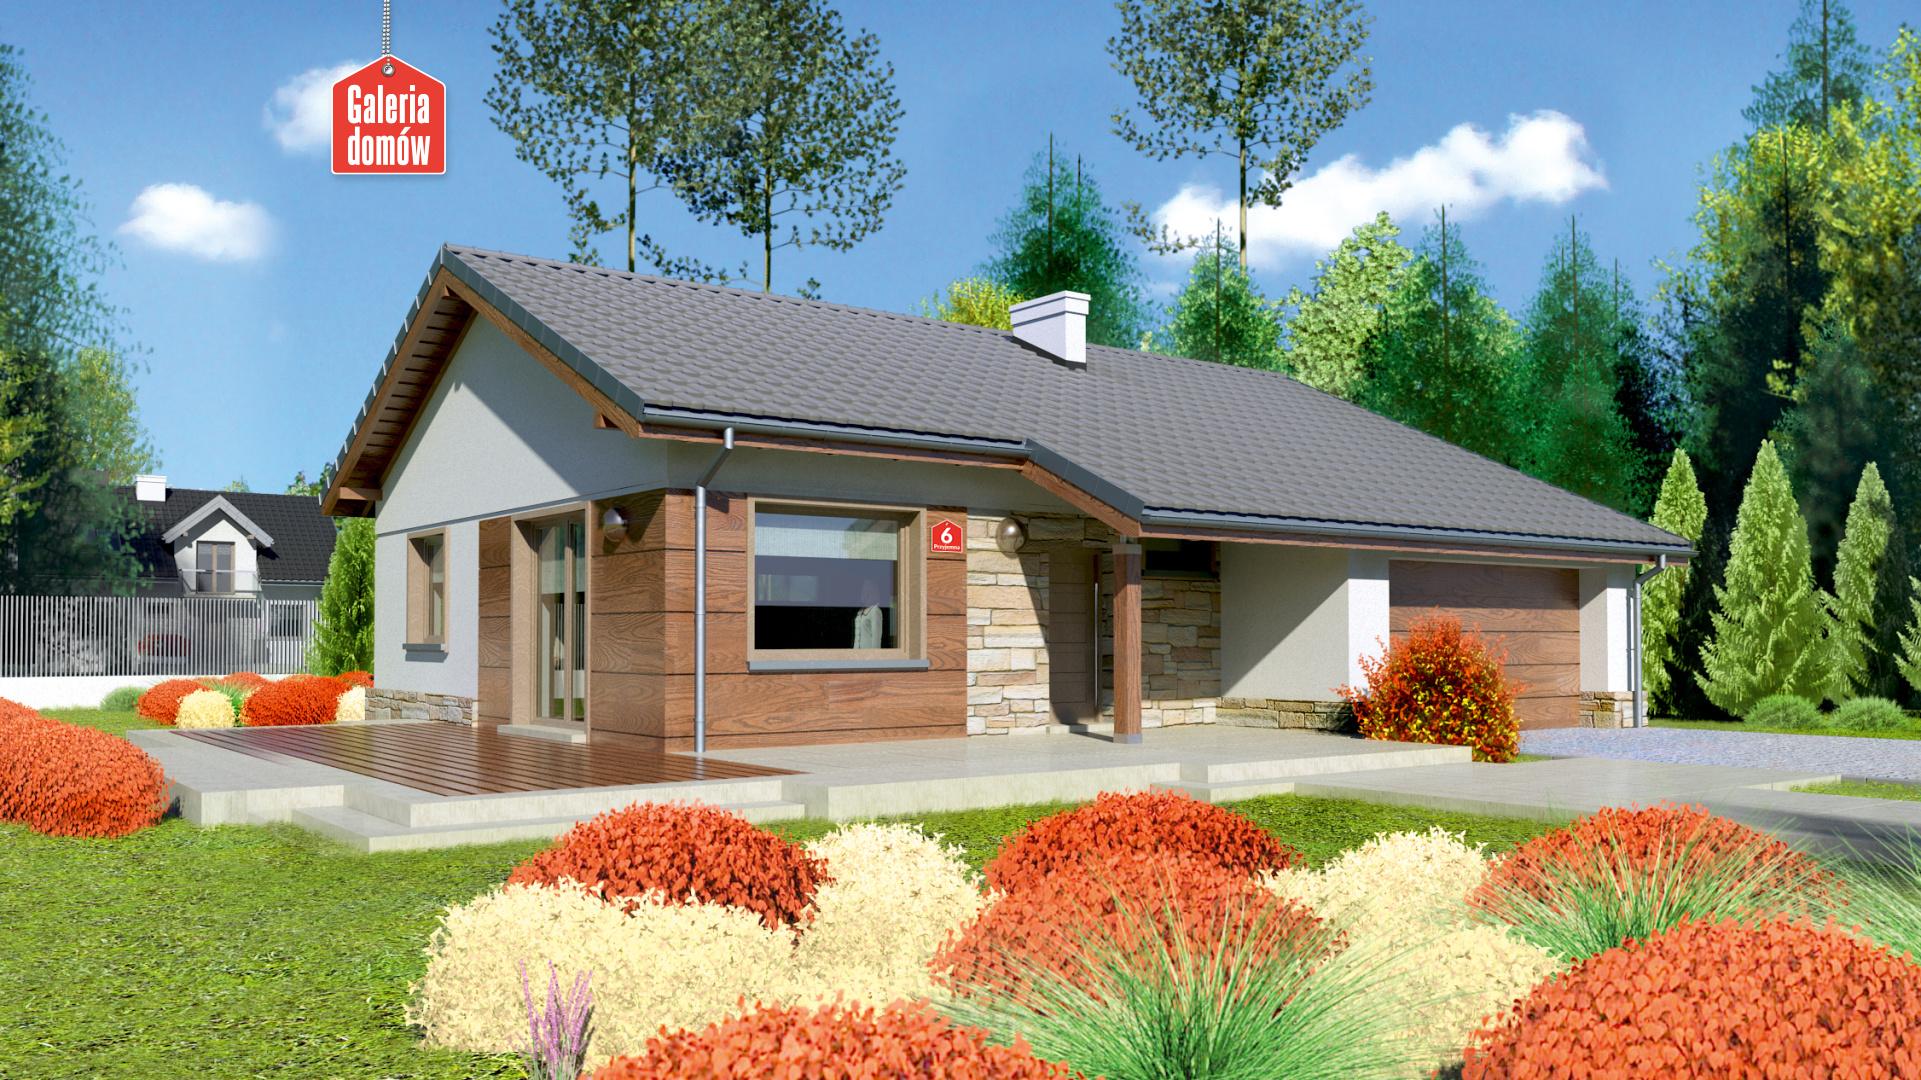 Dom przy Przyjemnej 6 bis - zdjęcie projektu i wizualizacja